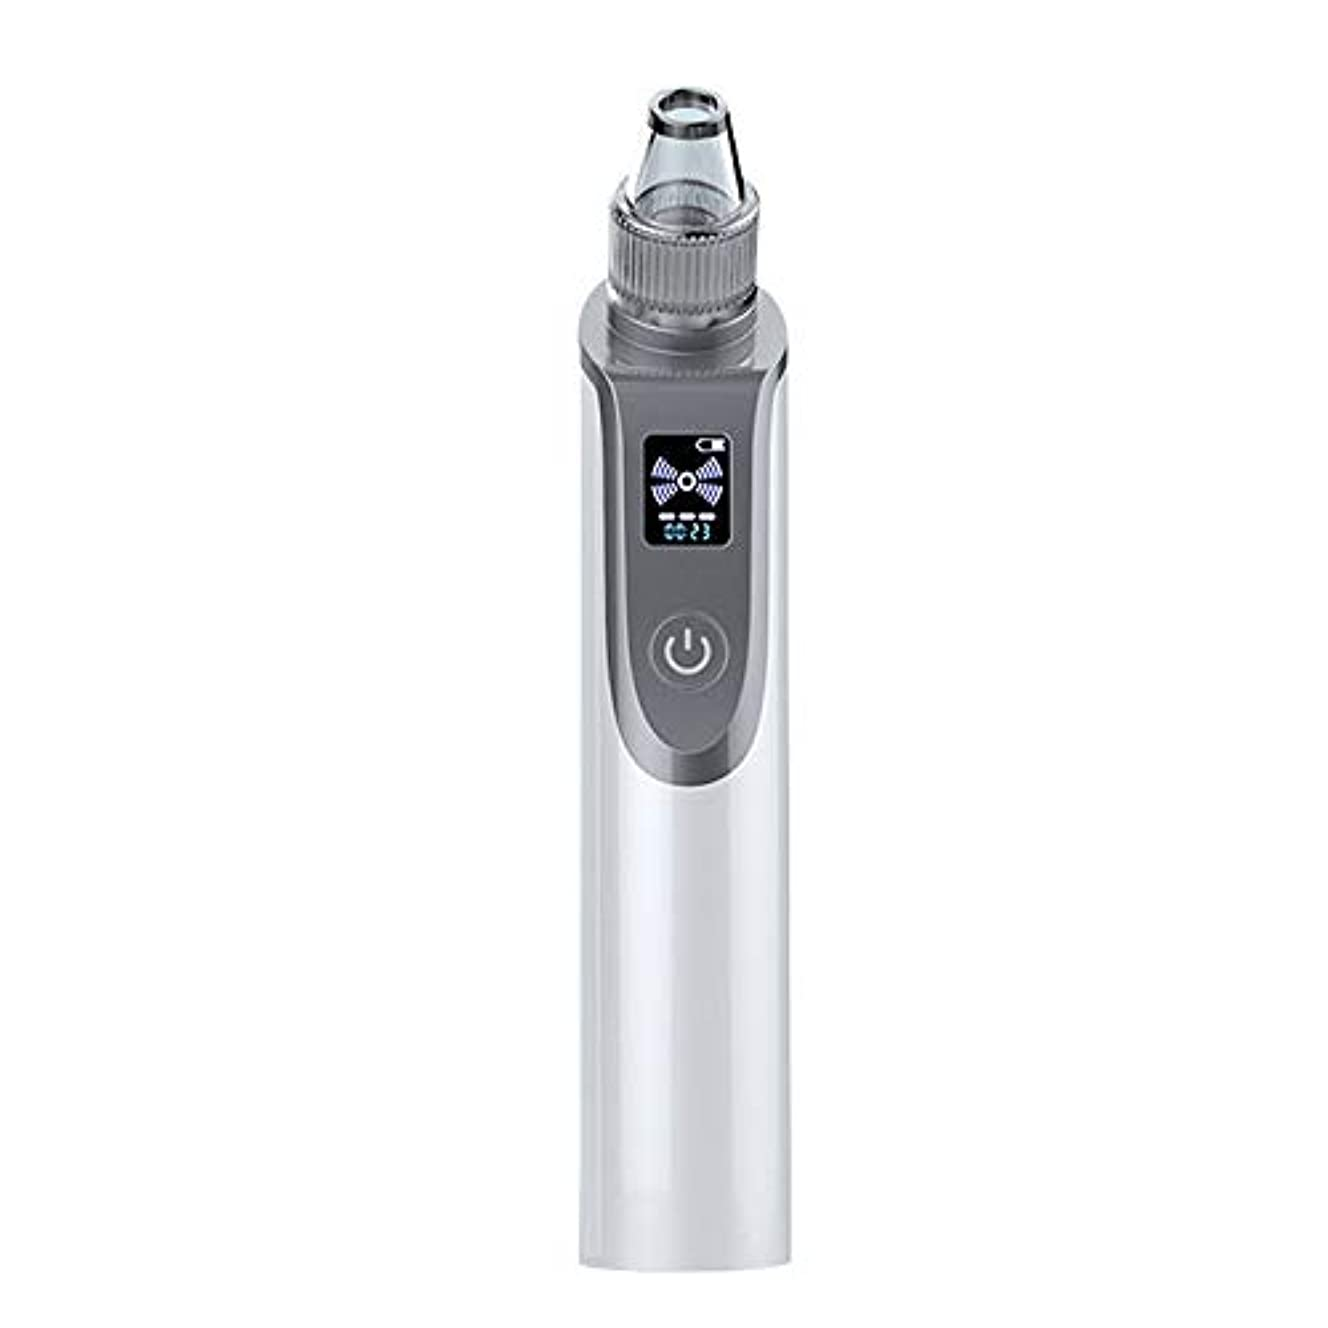 指定するマトン最高にきび除去剤、にきび - にきび楽器 - 超音波美容器具 - 毛穴クリーナー